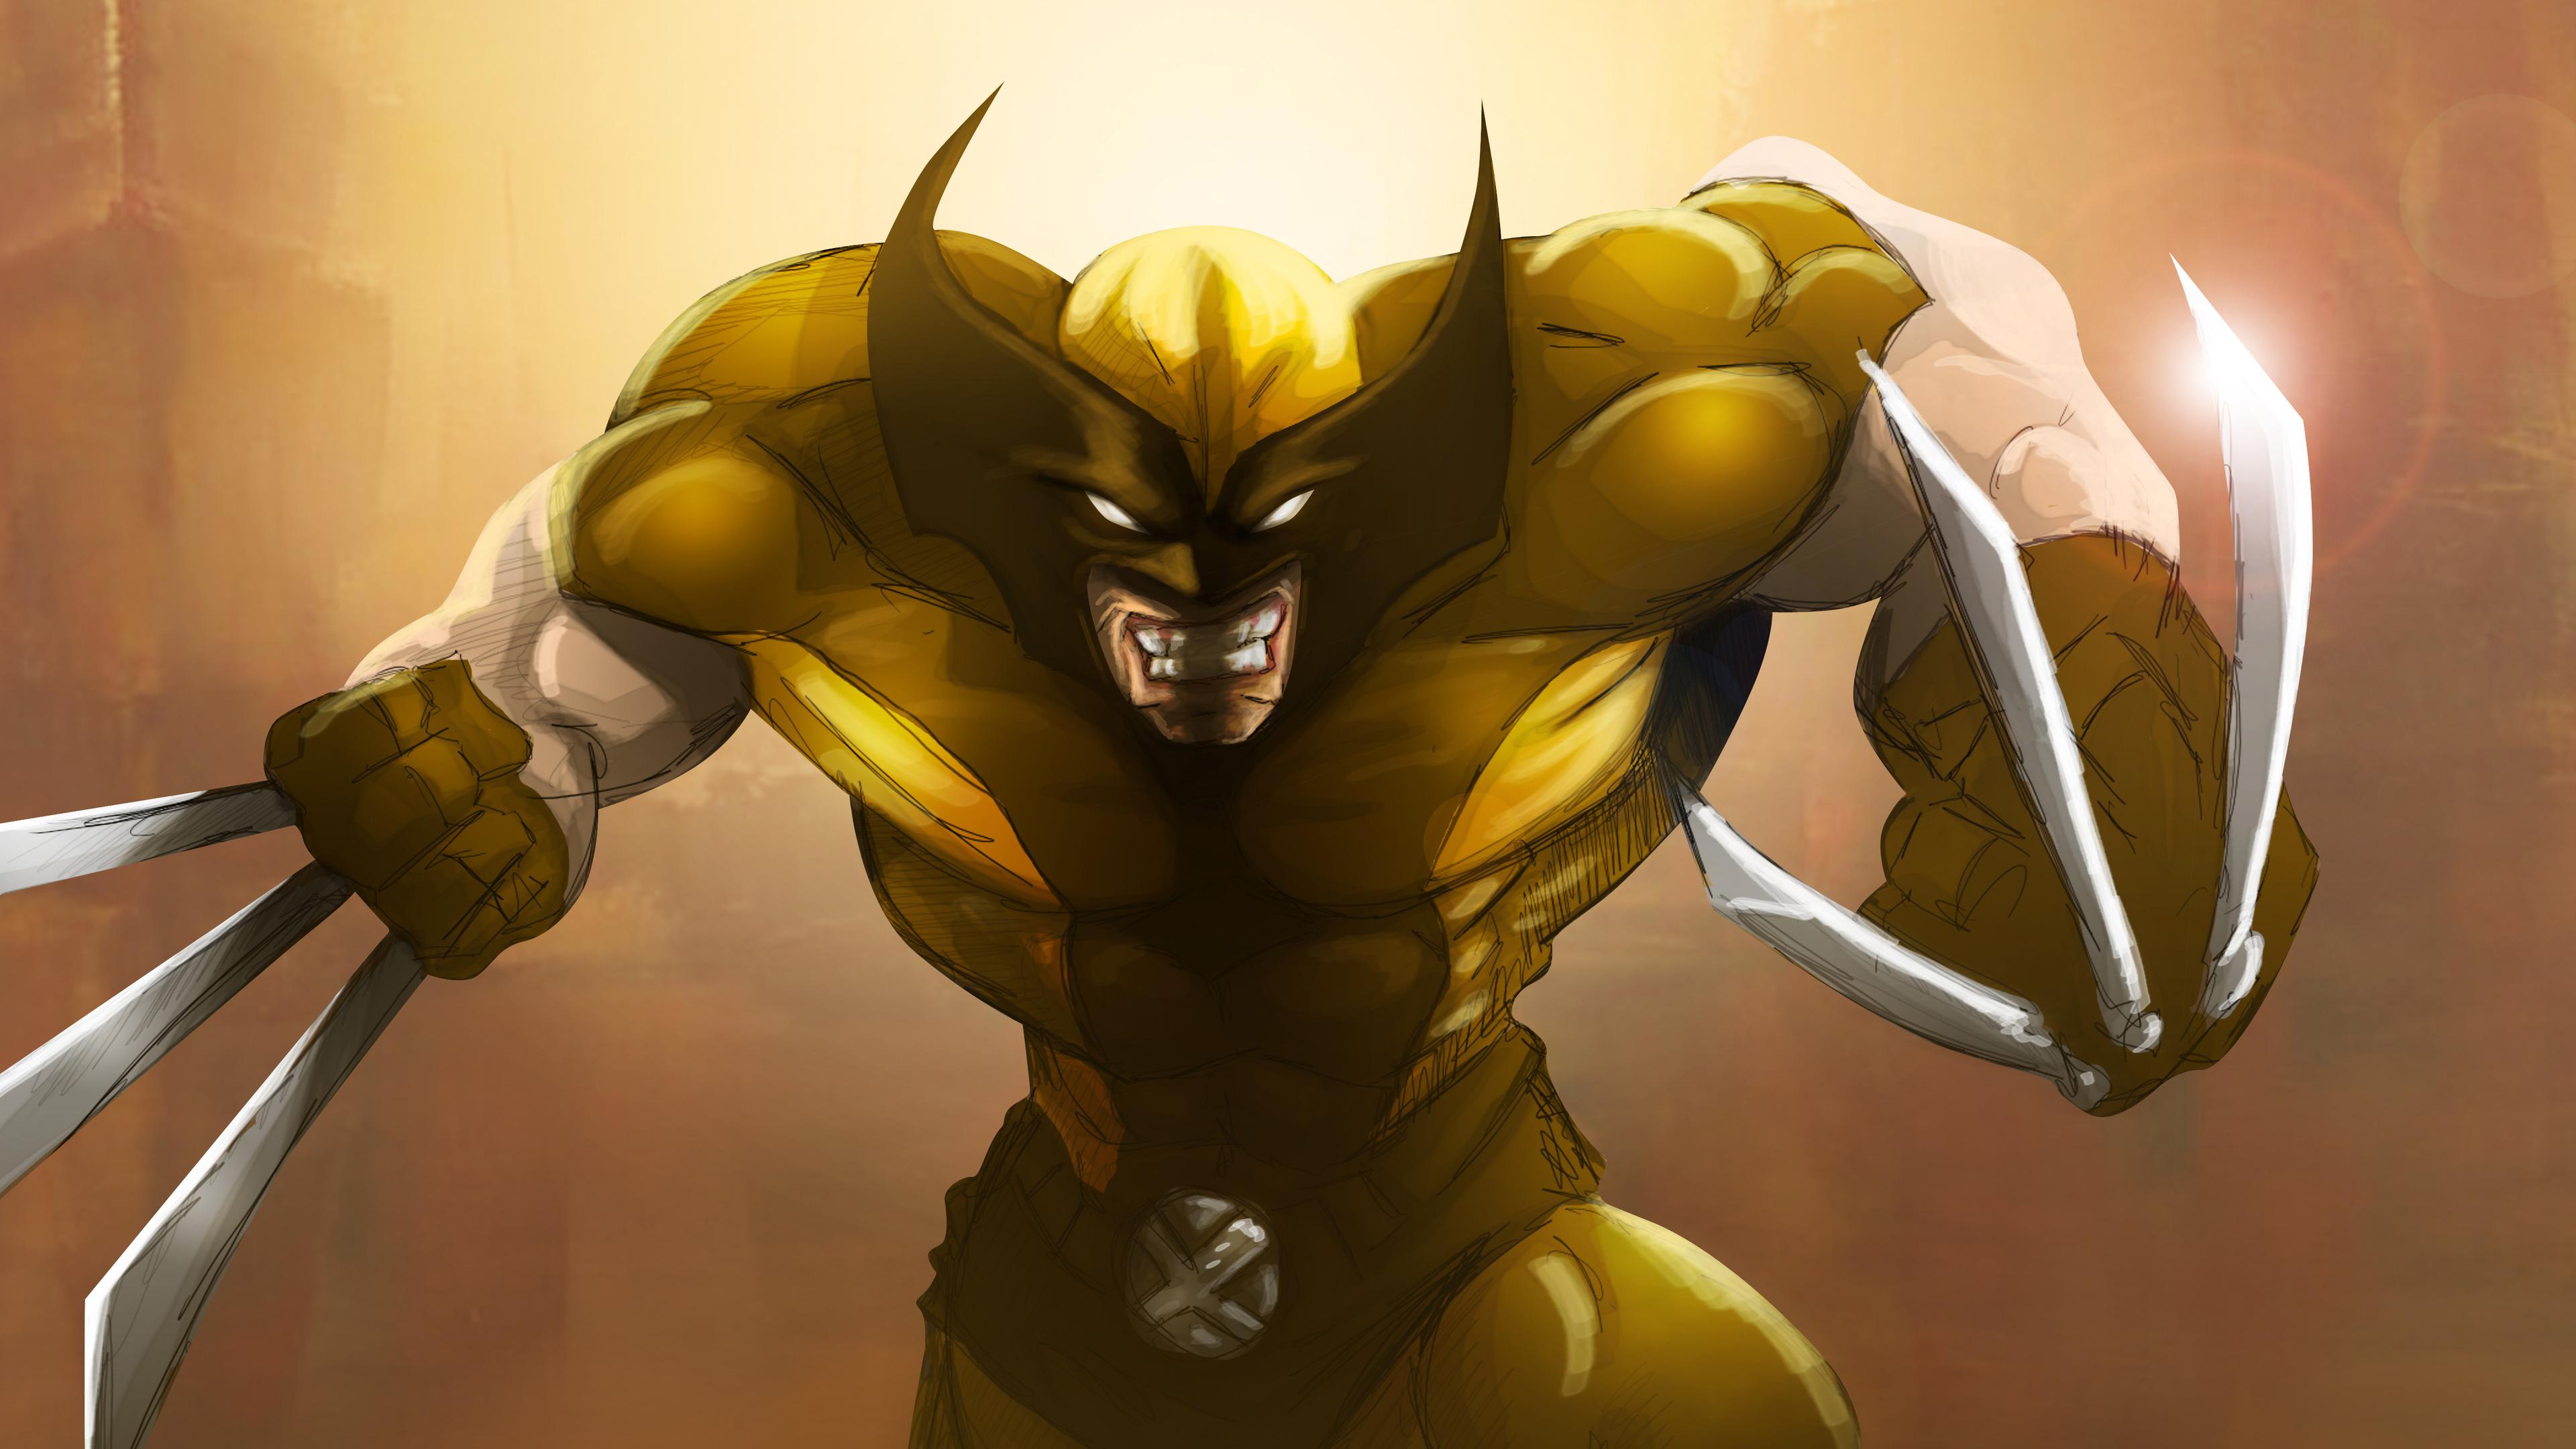 wolverine art 4k 1553071387 - Wolverine Art 4k - wolverine wallpapers, superheroes wallpapers, hd-wallpapers, deviantart wallpapers, artwork wallpapers, 4k-wallpapers